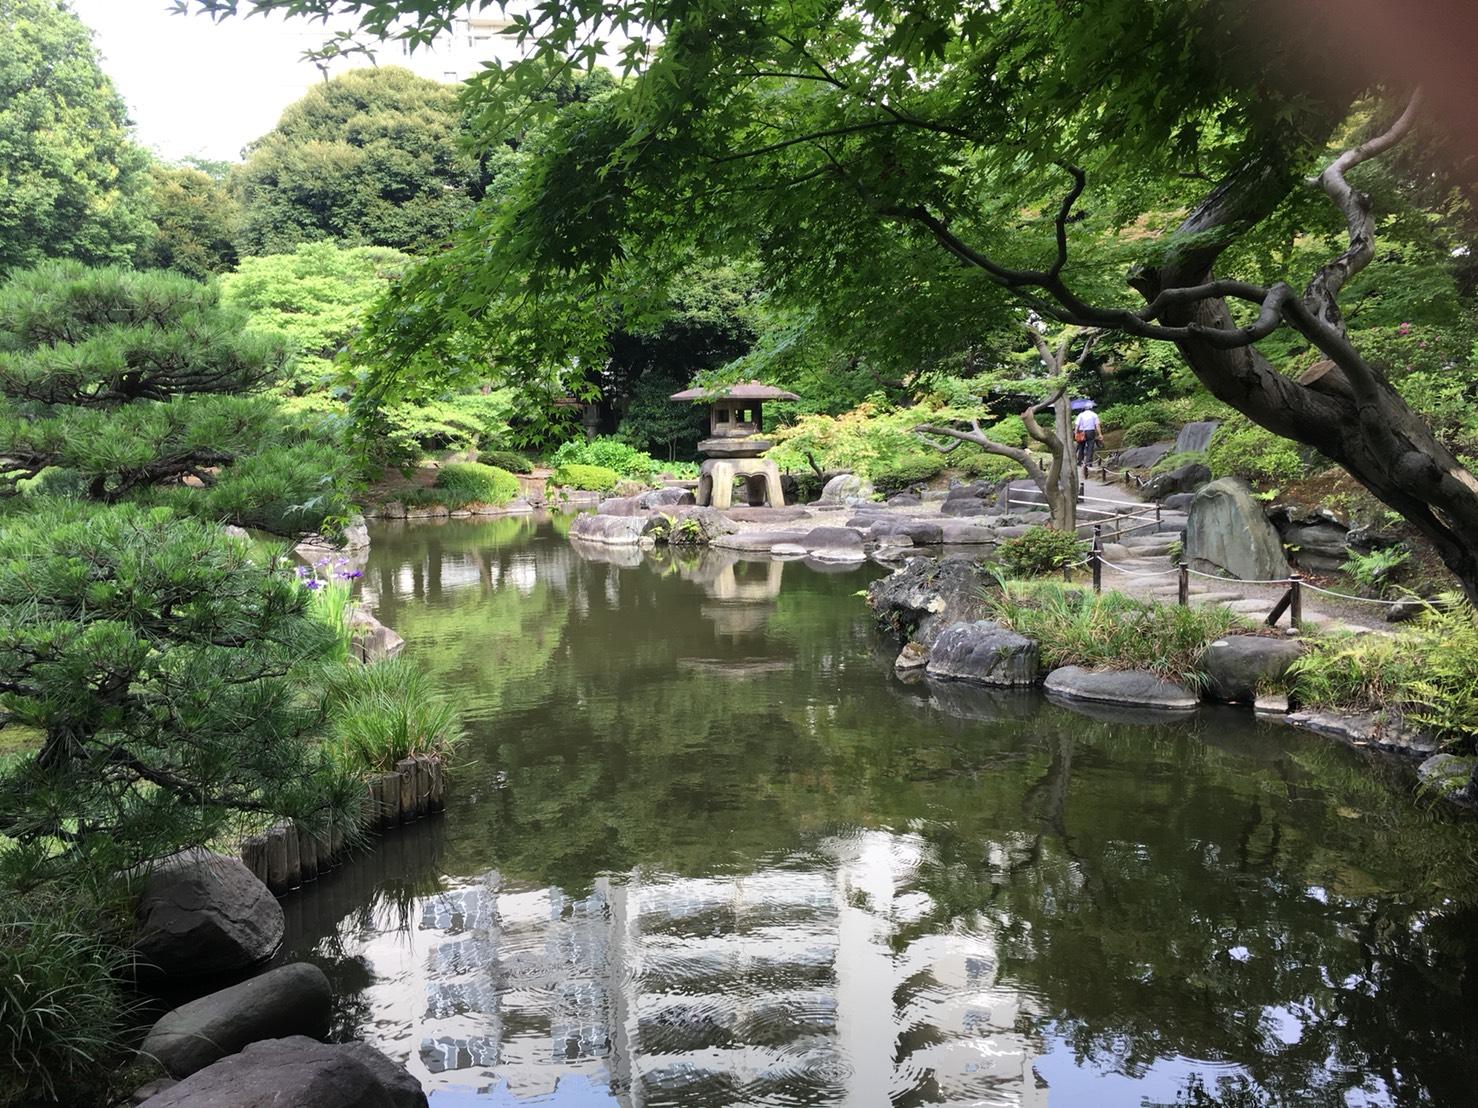 【上中里駅】バラが咲き誇る日英が混ざる庭園「旧古河庭園」の和庭園4